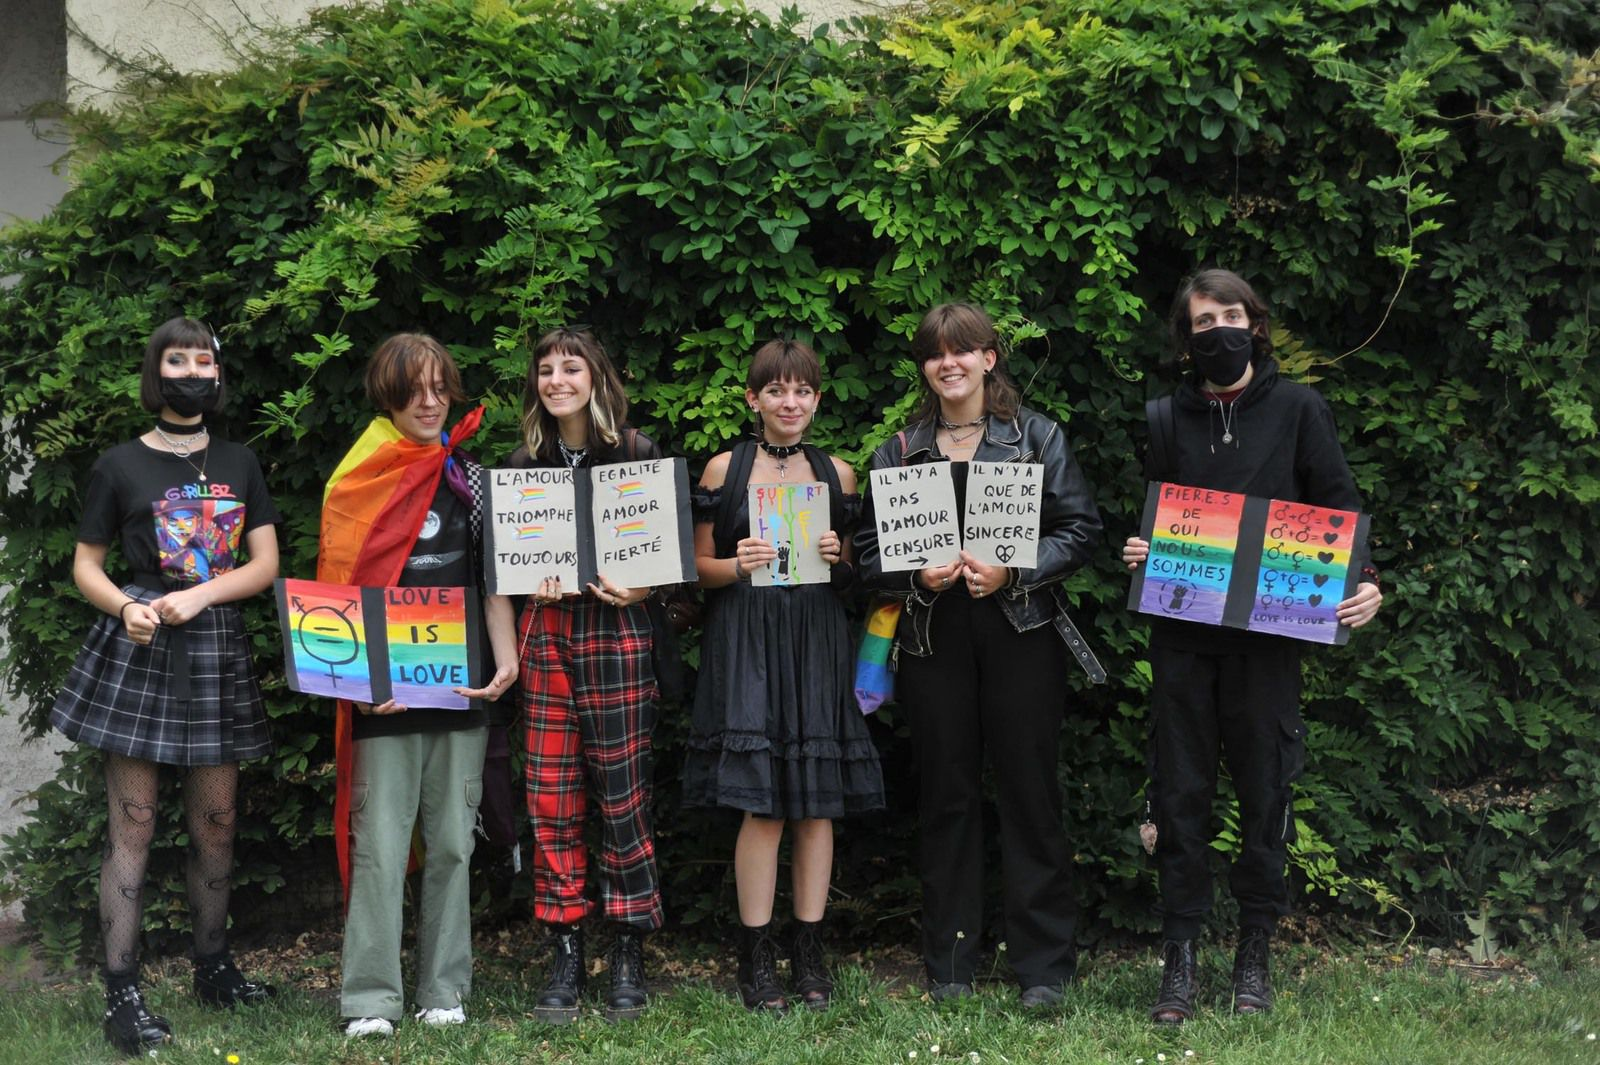 Quelques photos du Festival LGBT+ de Dieppe organisé par l'association God Savec the Queer